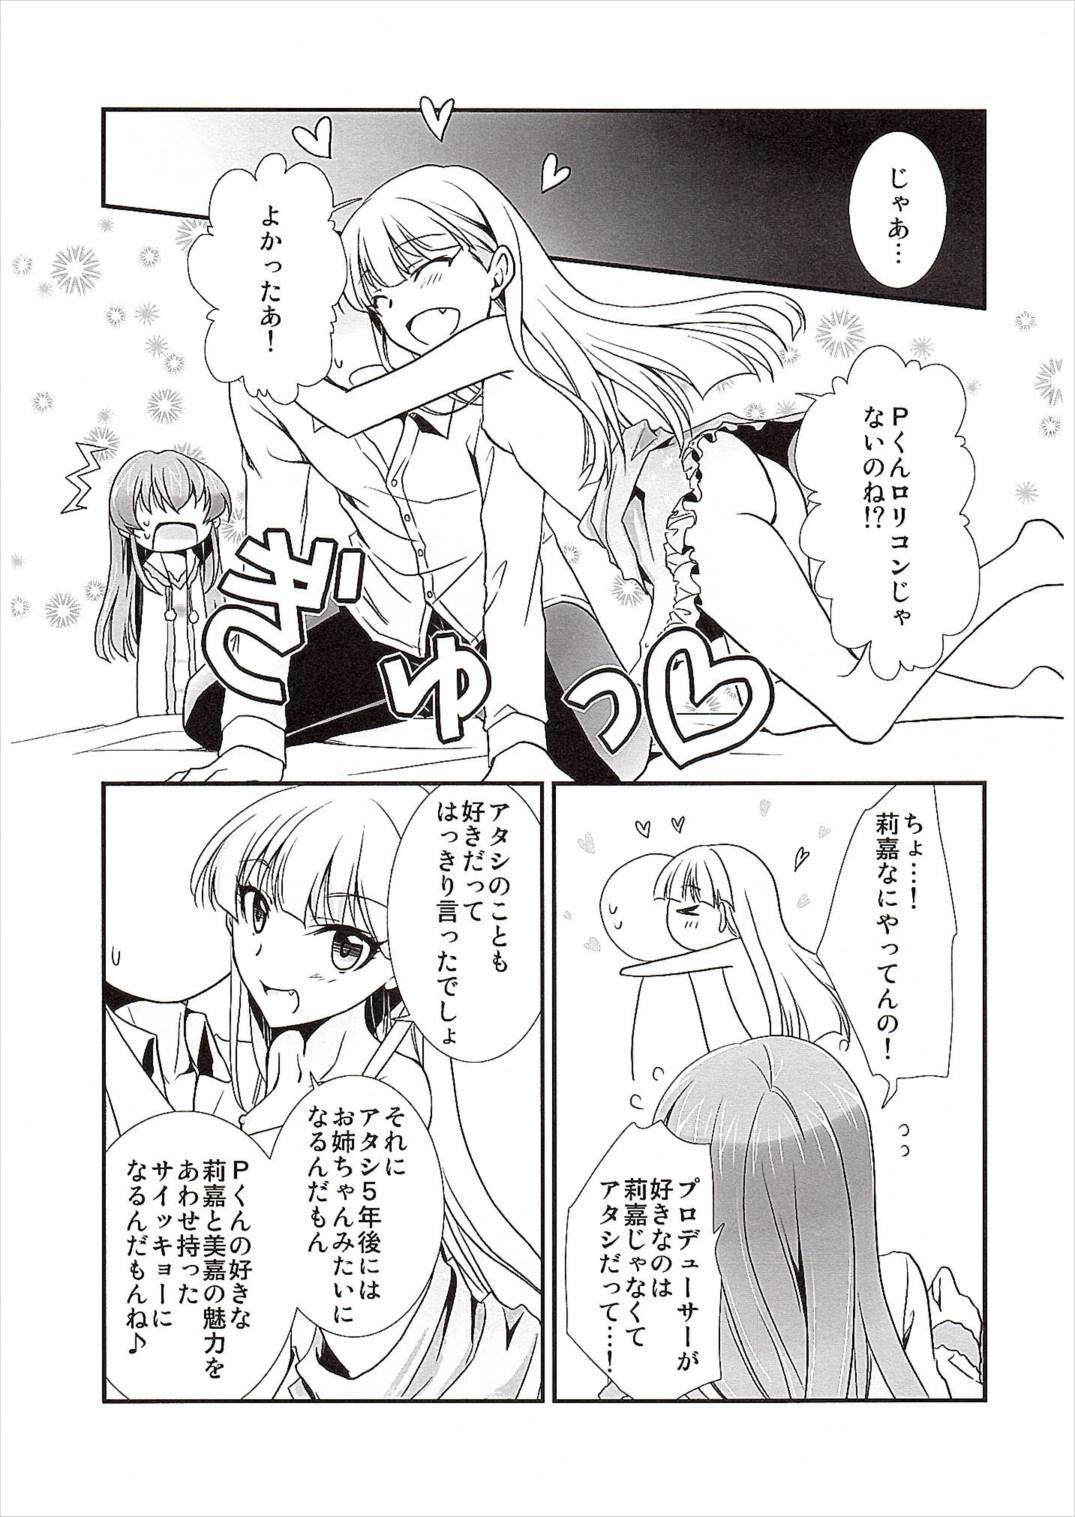 Atashi→P×Imouto 19